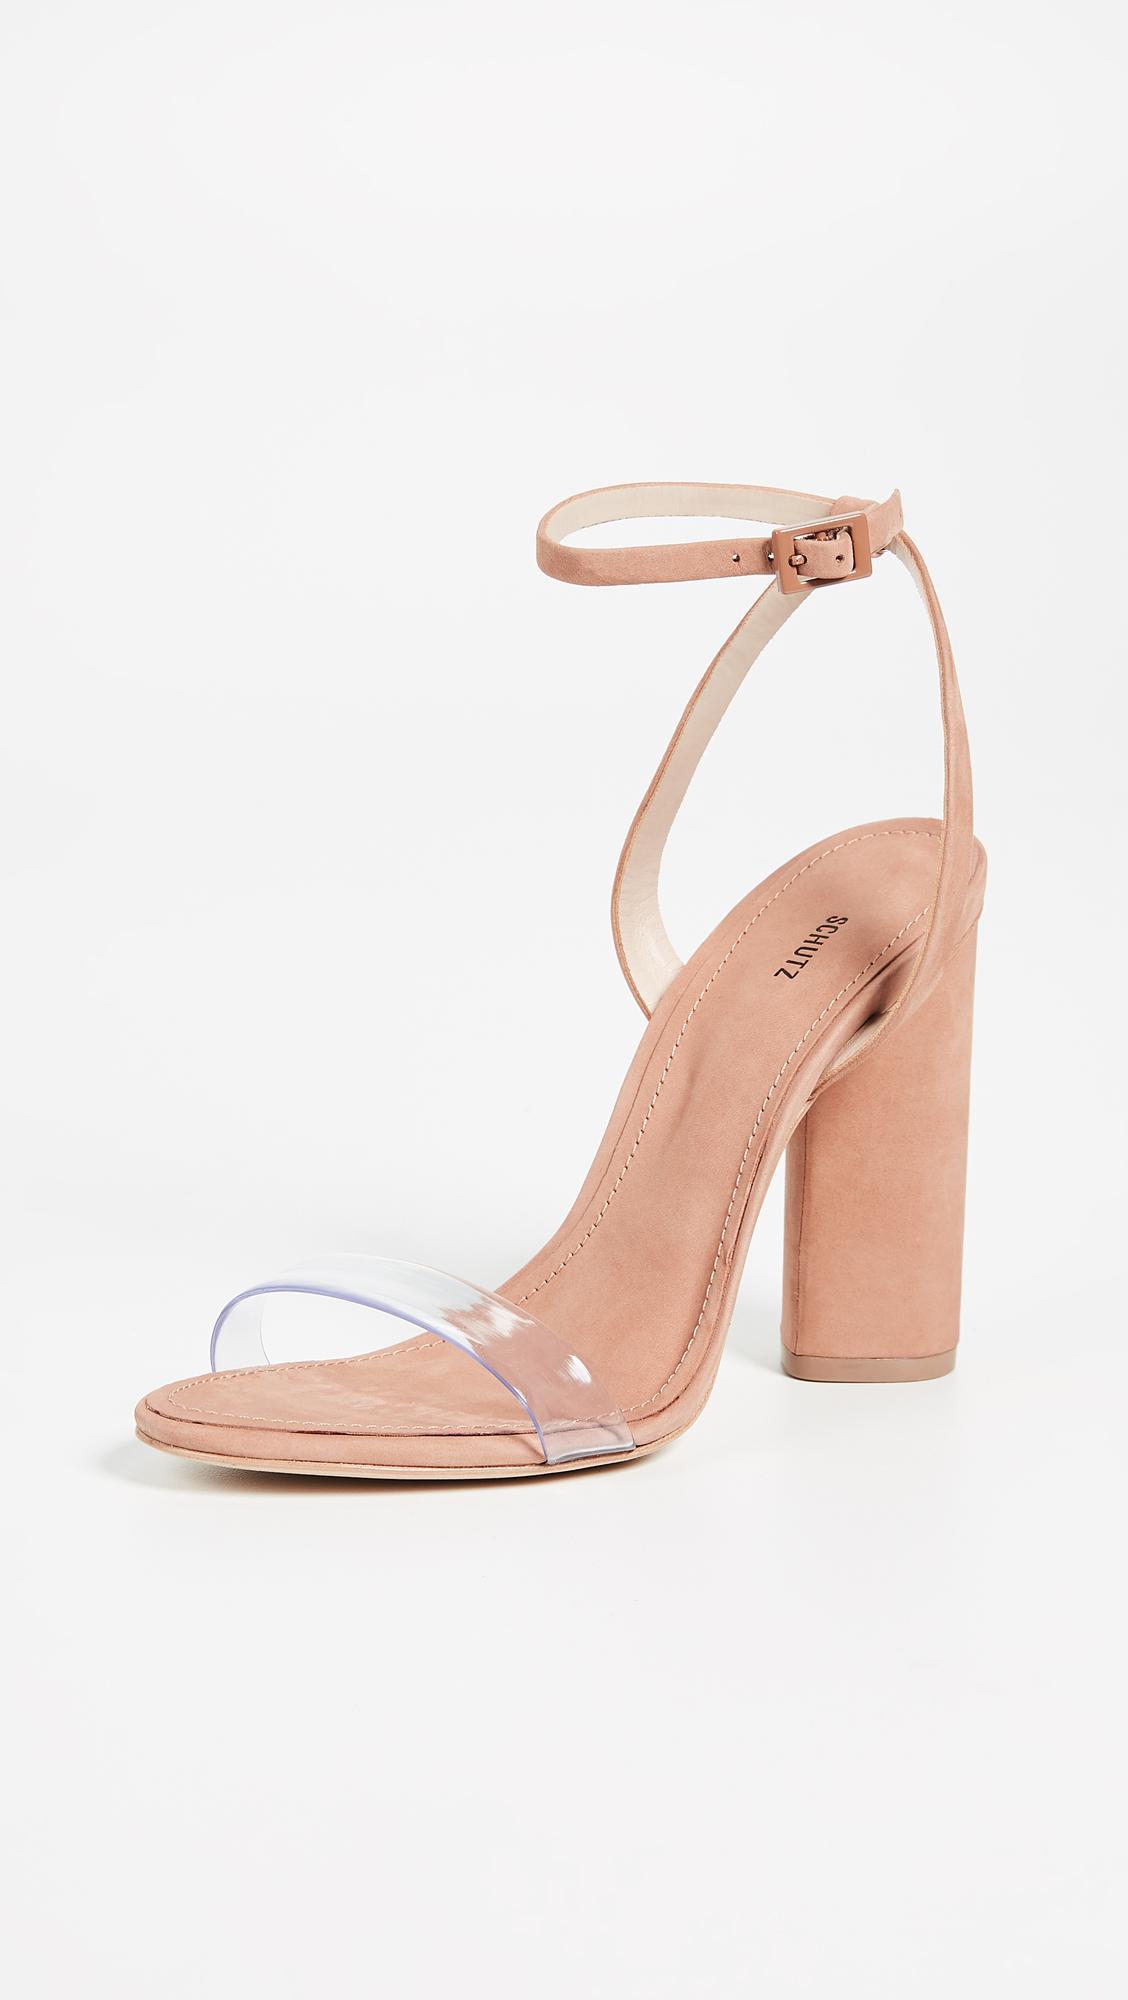 99c7d6dce234 Schutz. Women s Geisy Pvc Block Heel Sandals